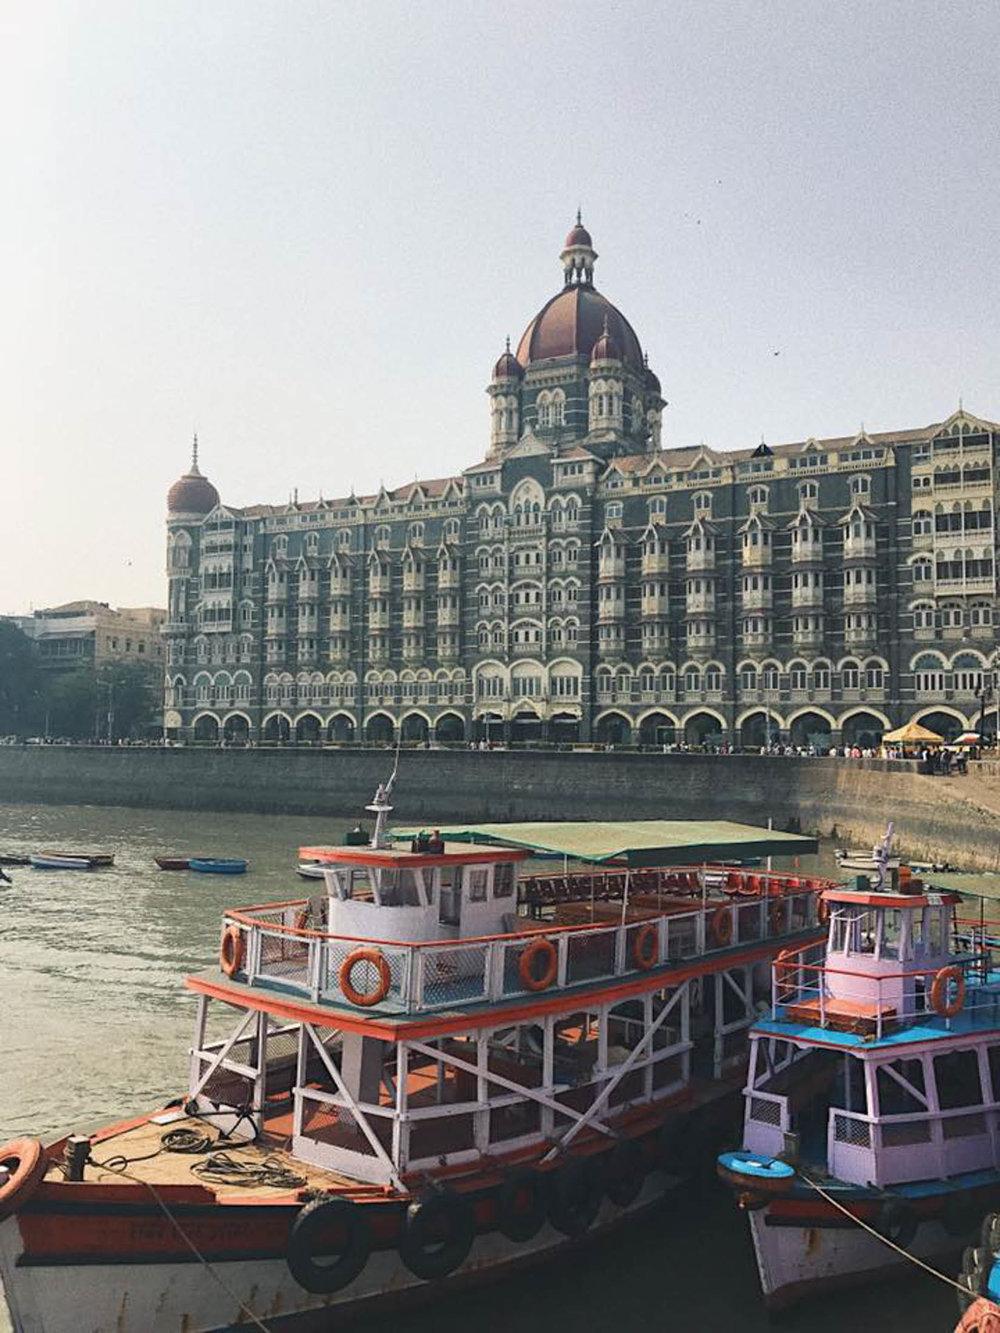 Mumbai, India. (Marissa Piccolo/The Daily Campus)